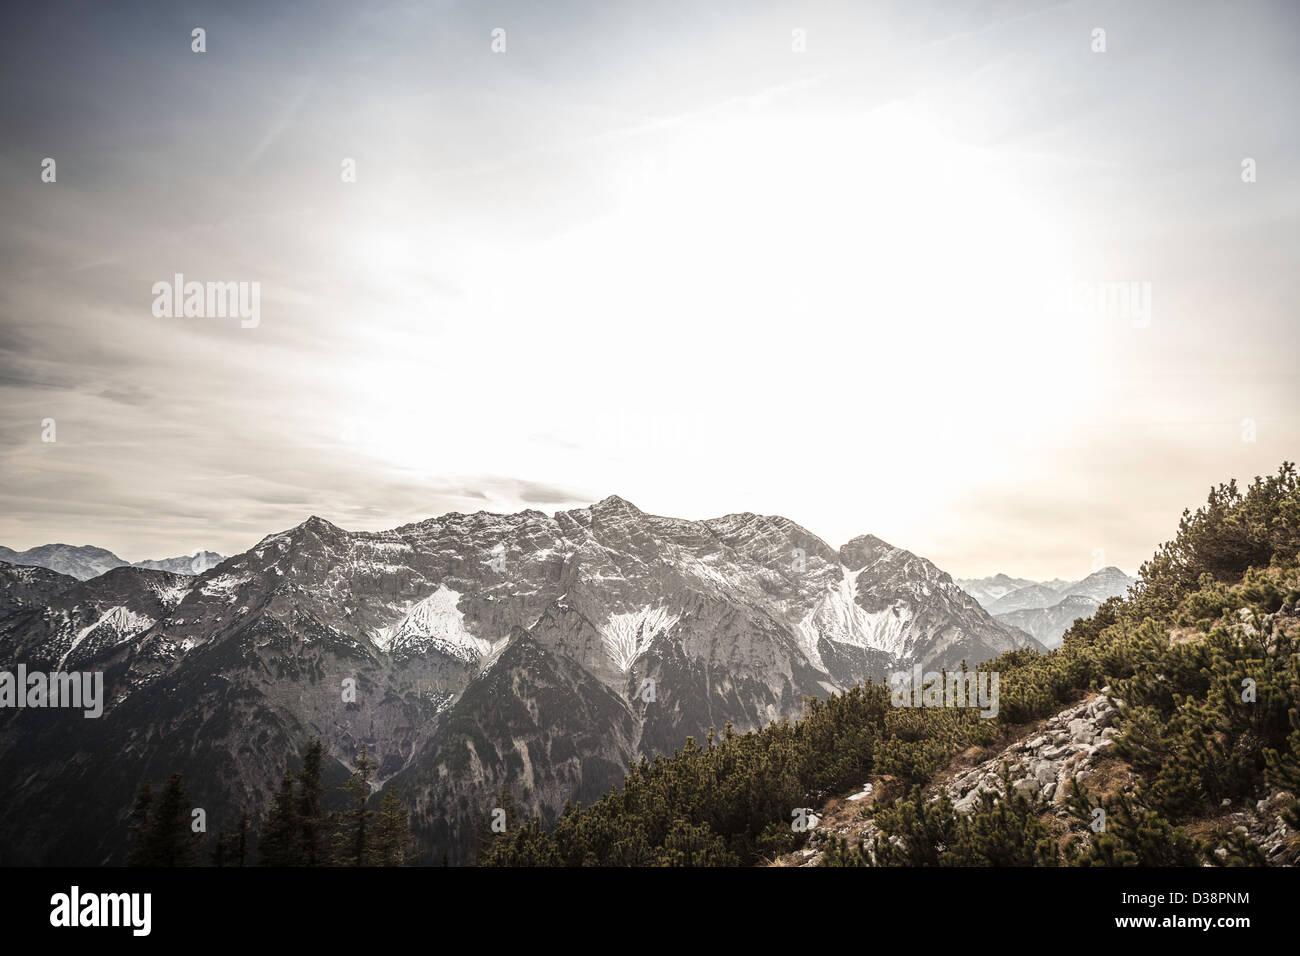 Montagnes et d'arbres in rural landscape Photo Stock